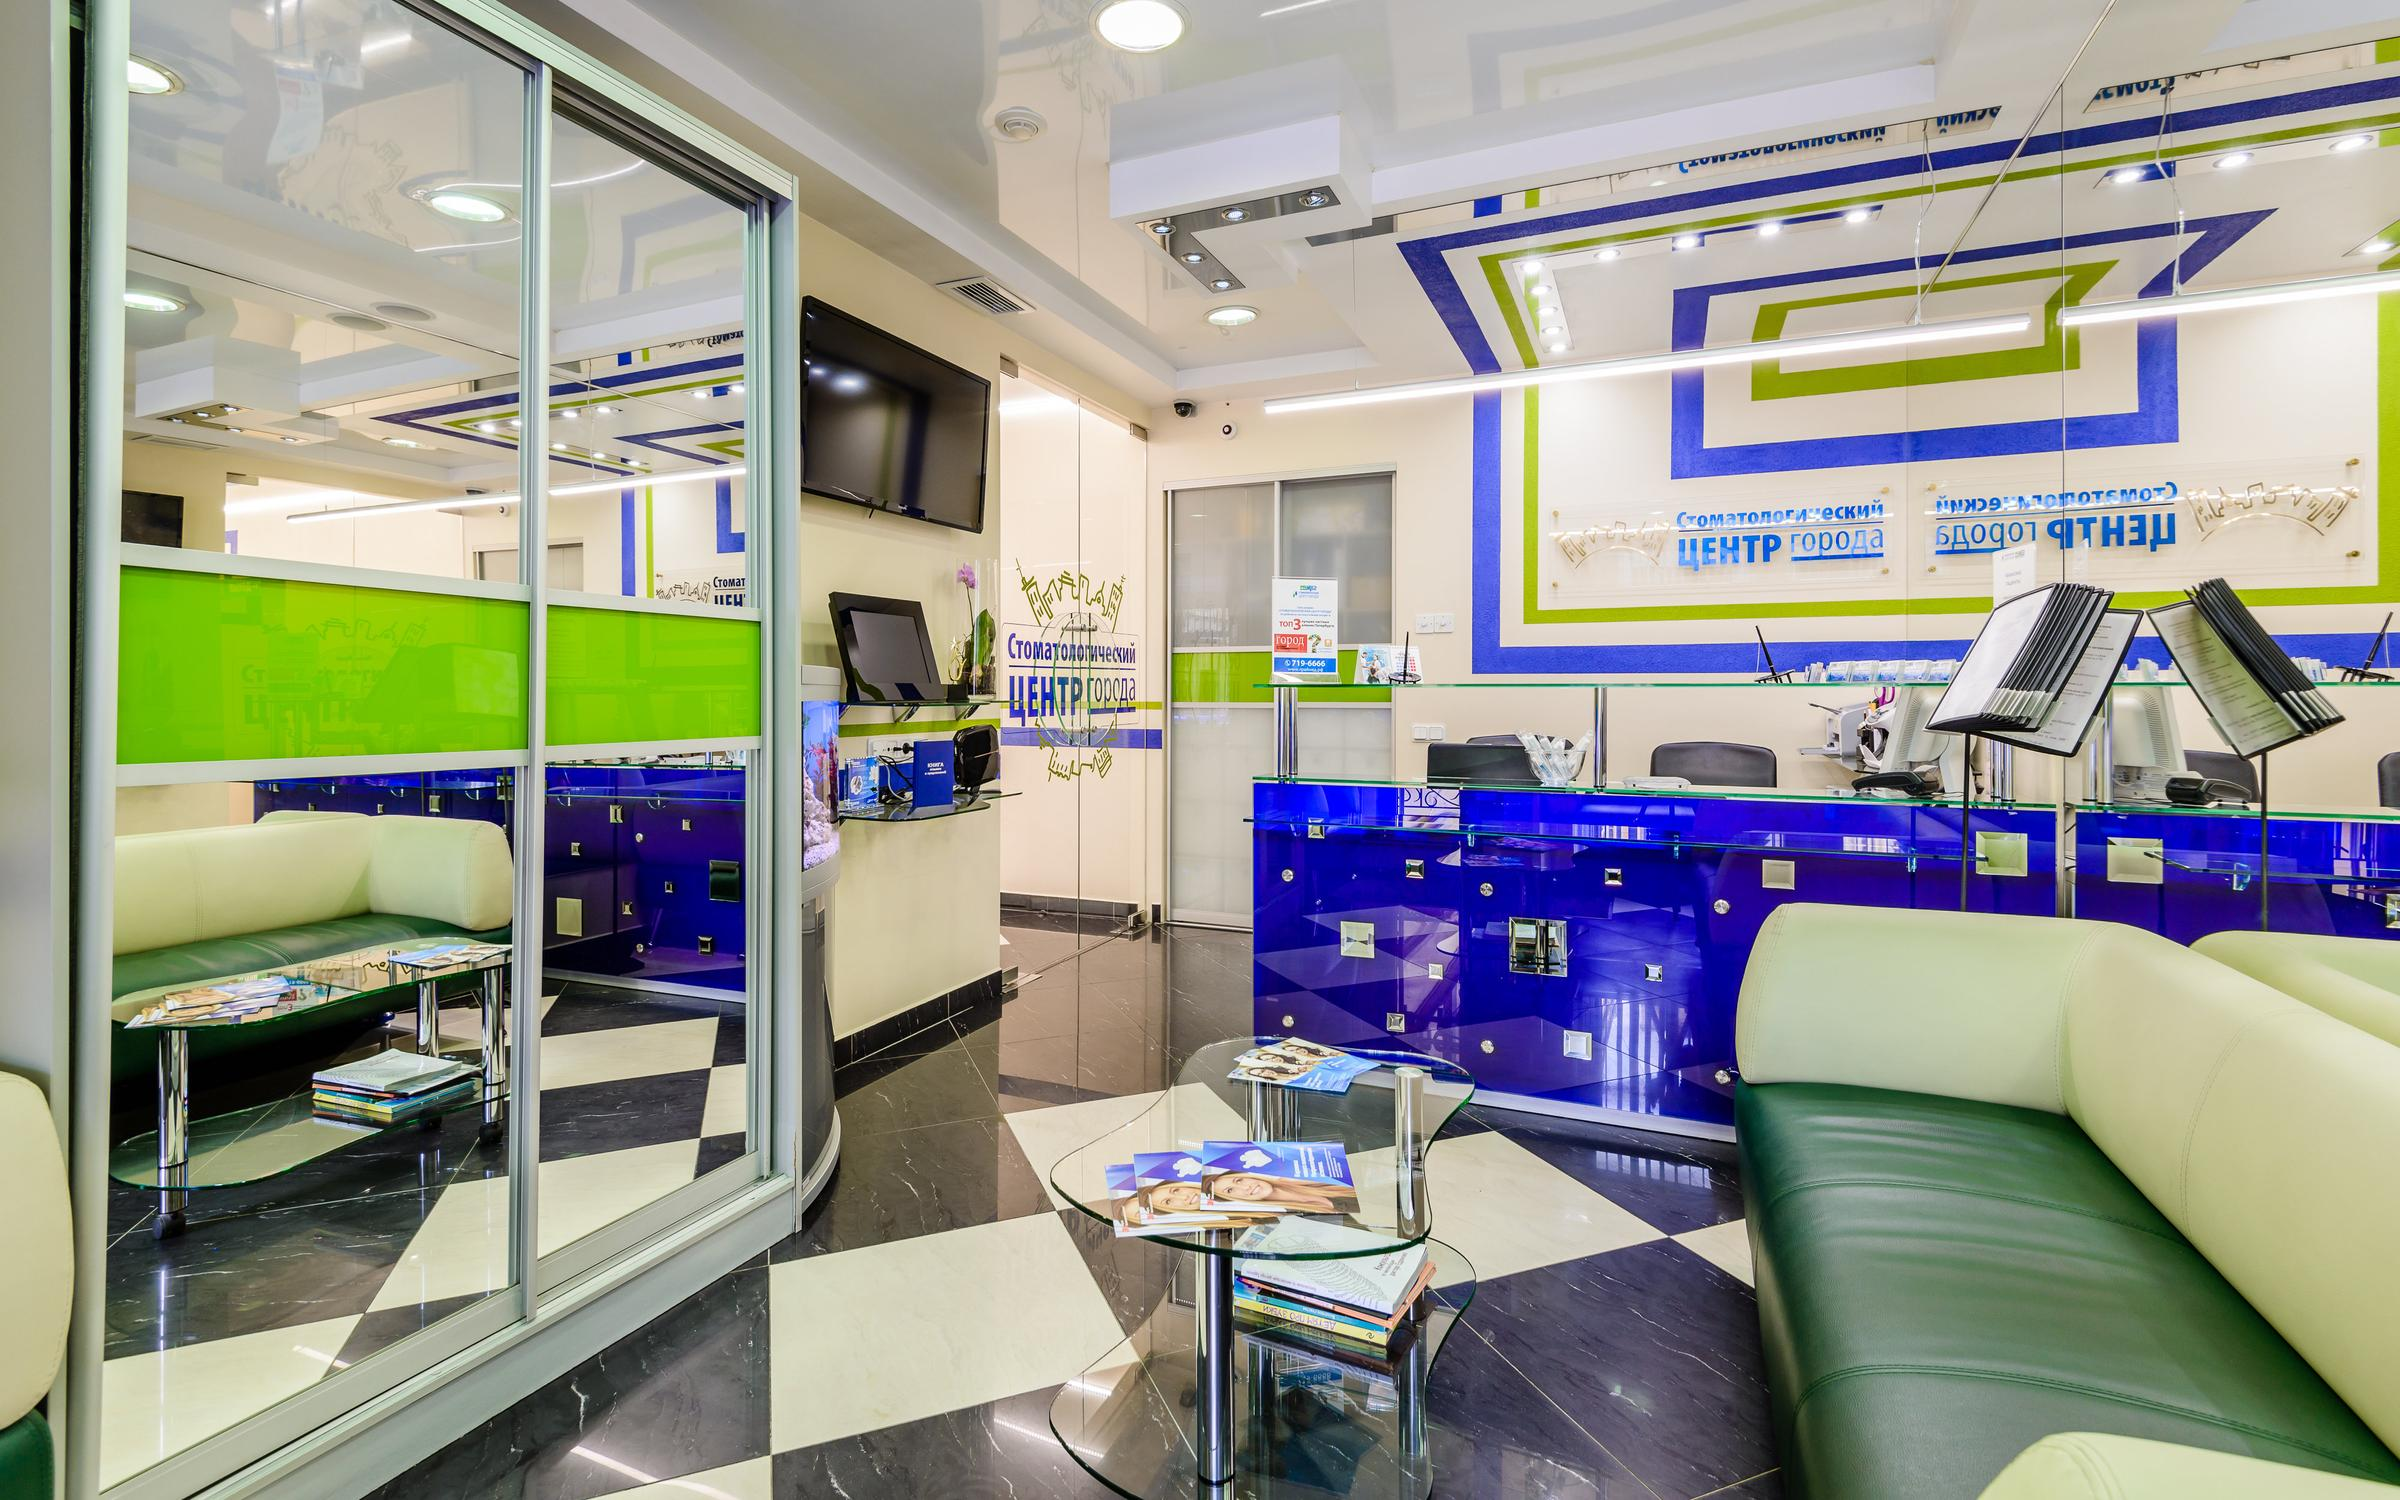 фотография Стоматологический Центр Города на Невском проспекте